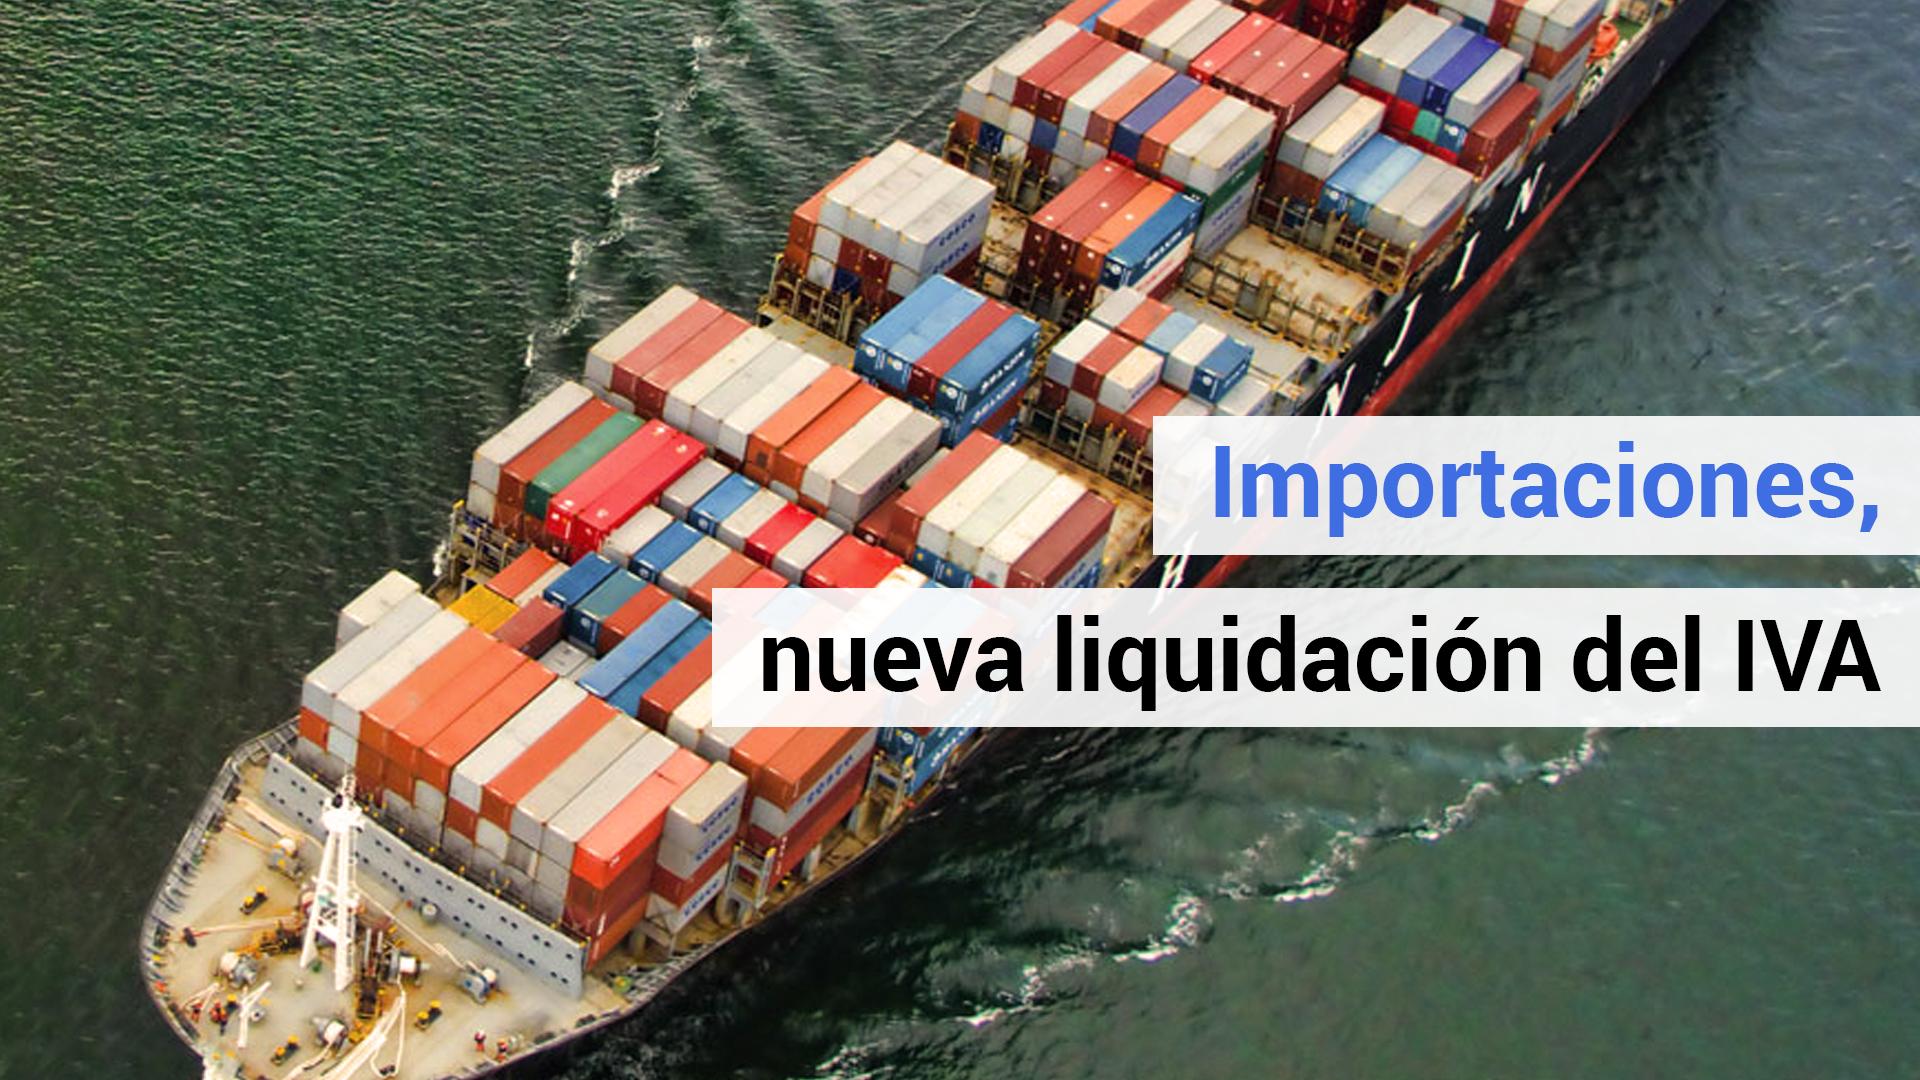 Nuevo procedimiento de liquidación del IVA de las importaciones